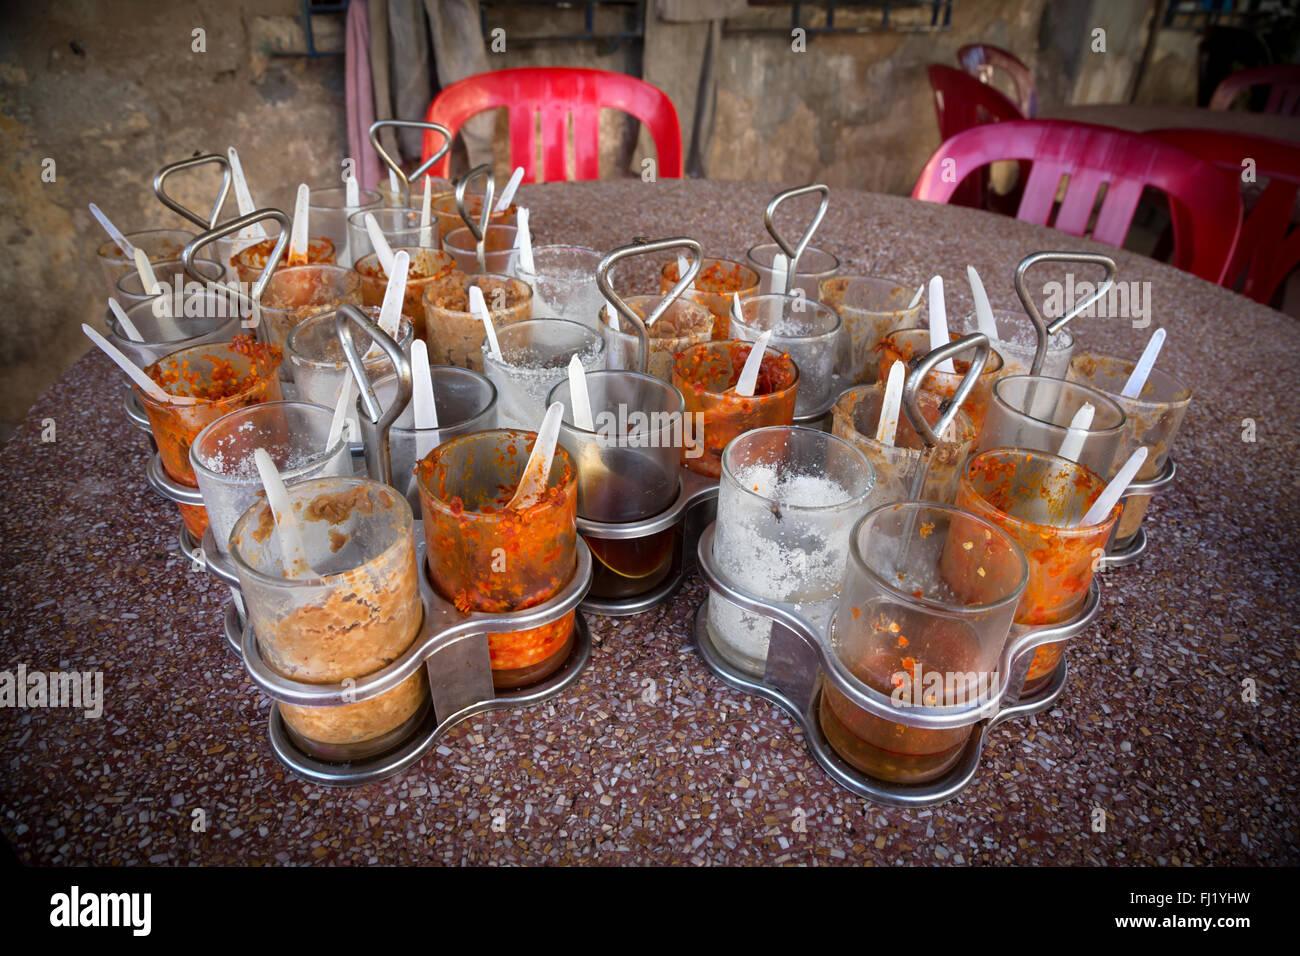 Les épices et le piment, dans les verres sur une table dans un restaurant de Kampot , Cambodge Photo Stock